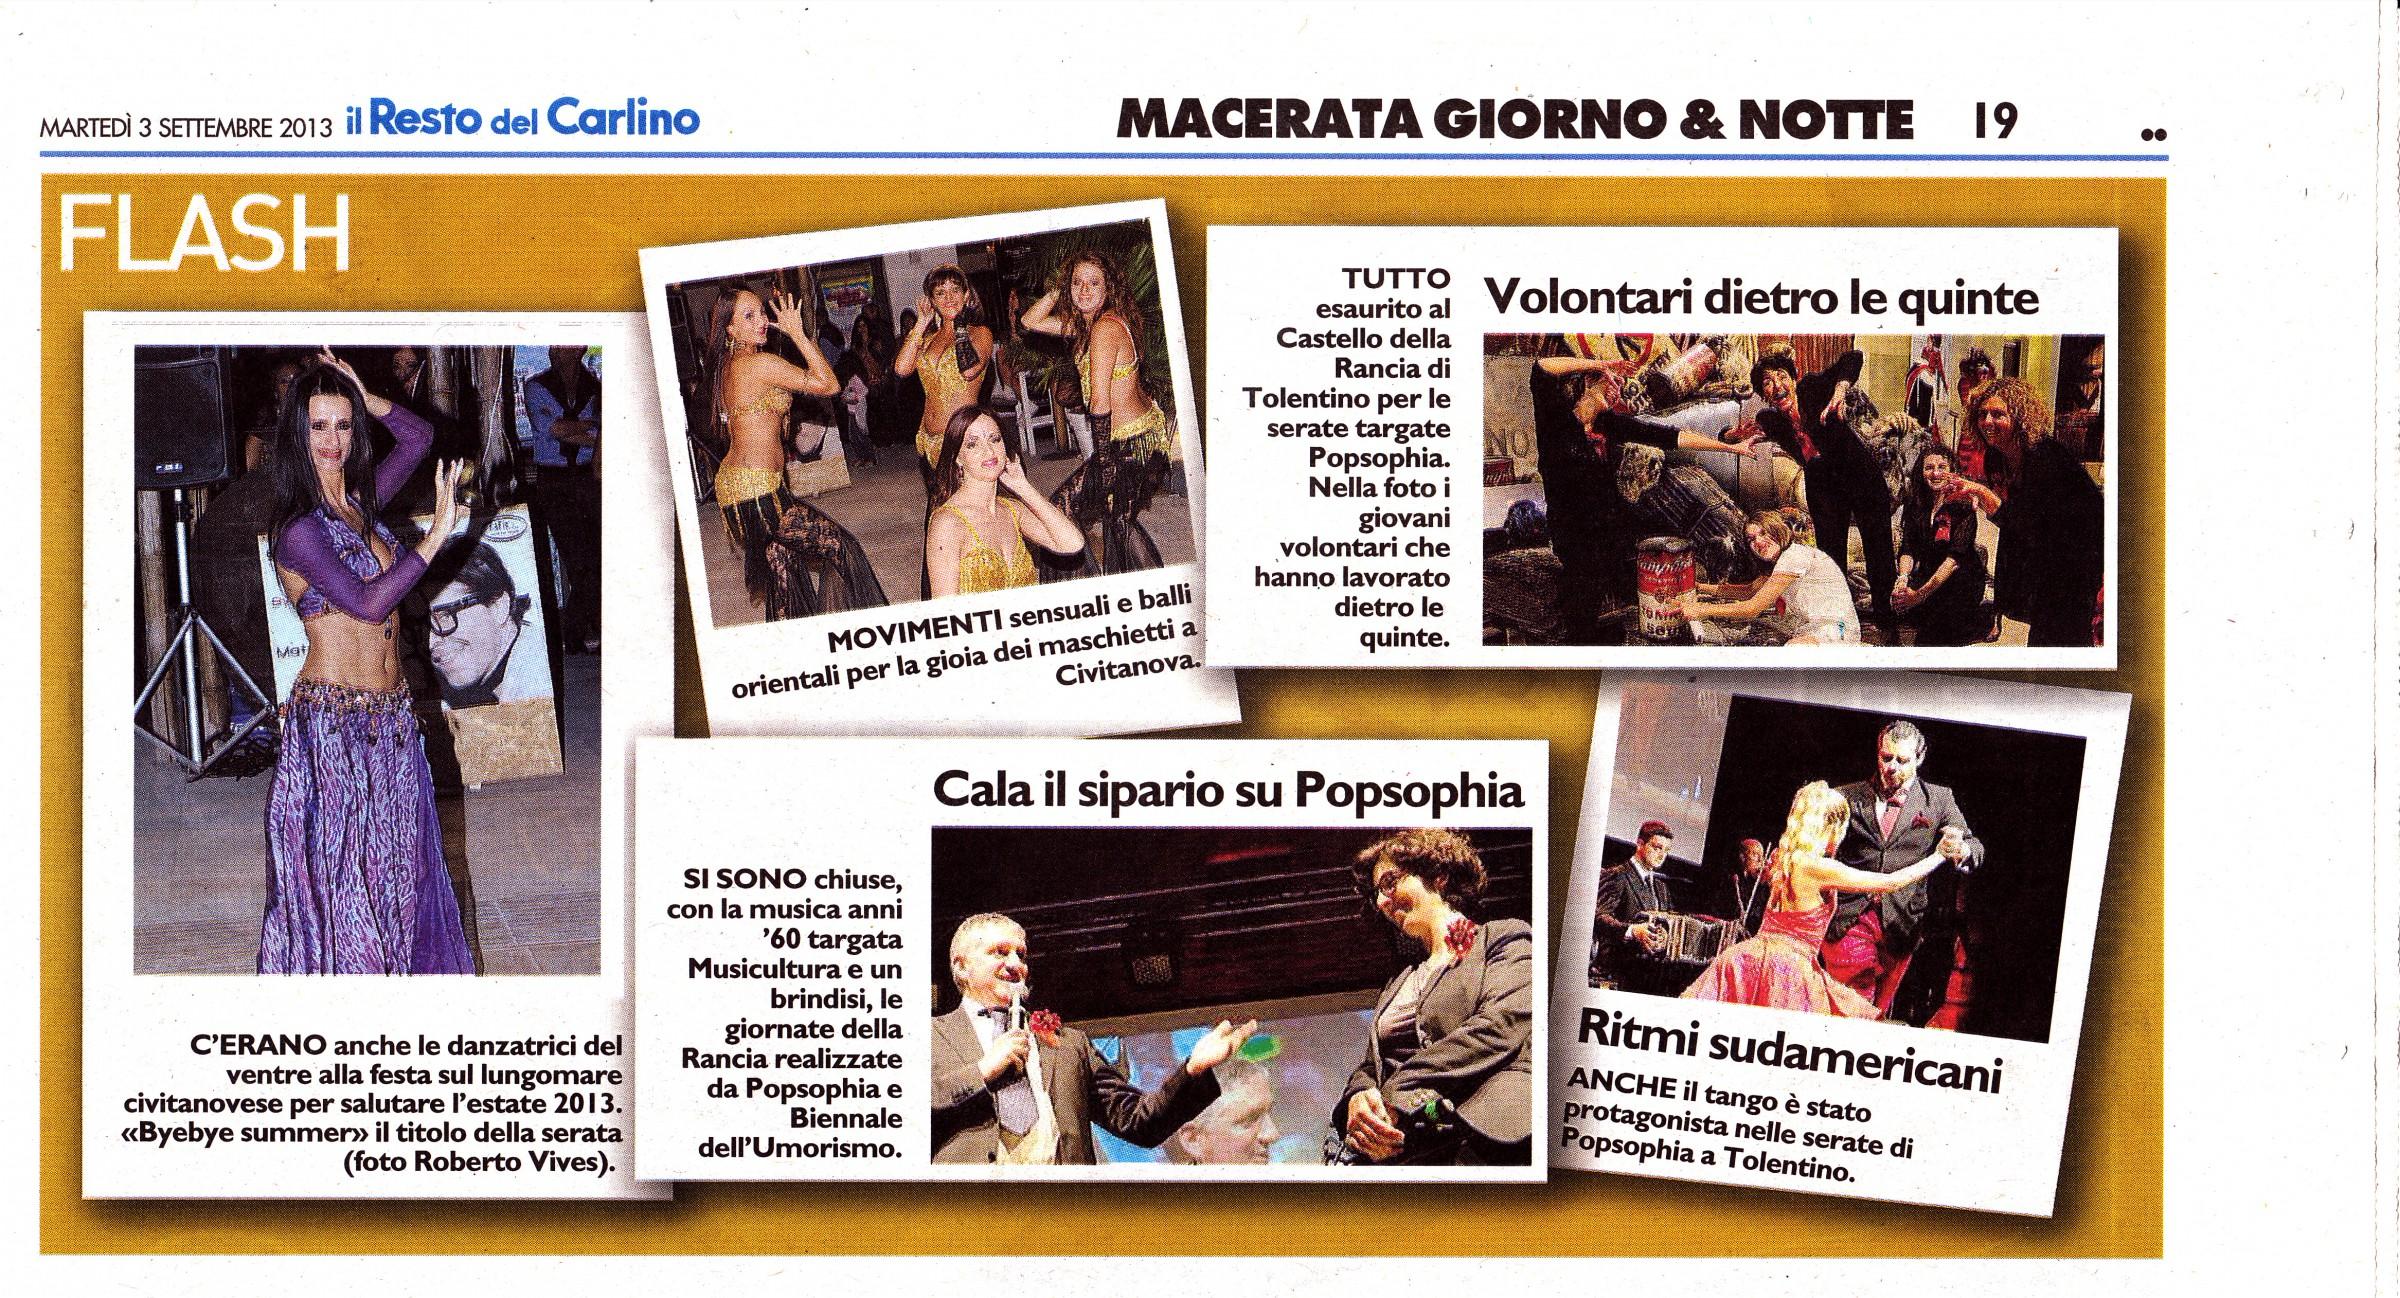 2013_Resto del Carlino_3 Settembre 2013